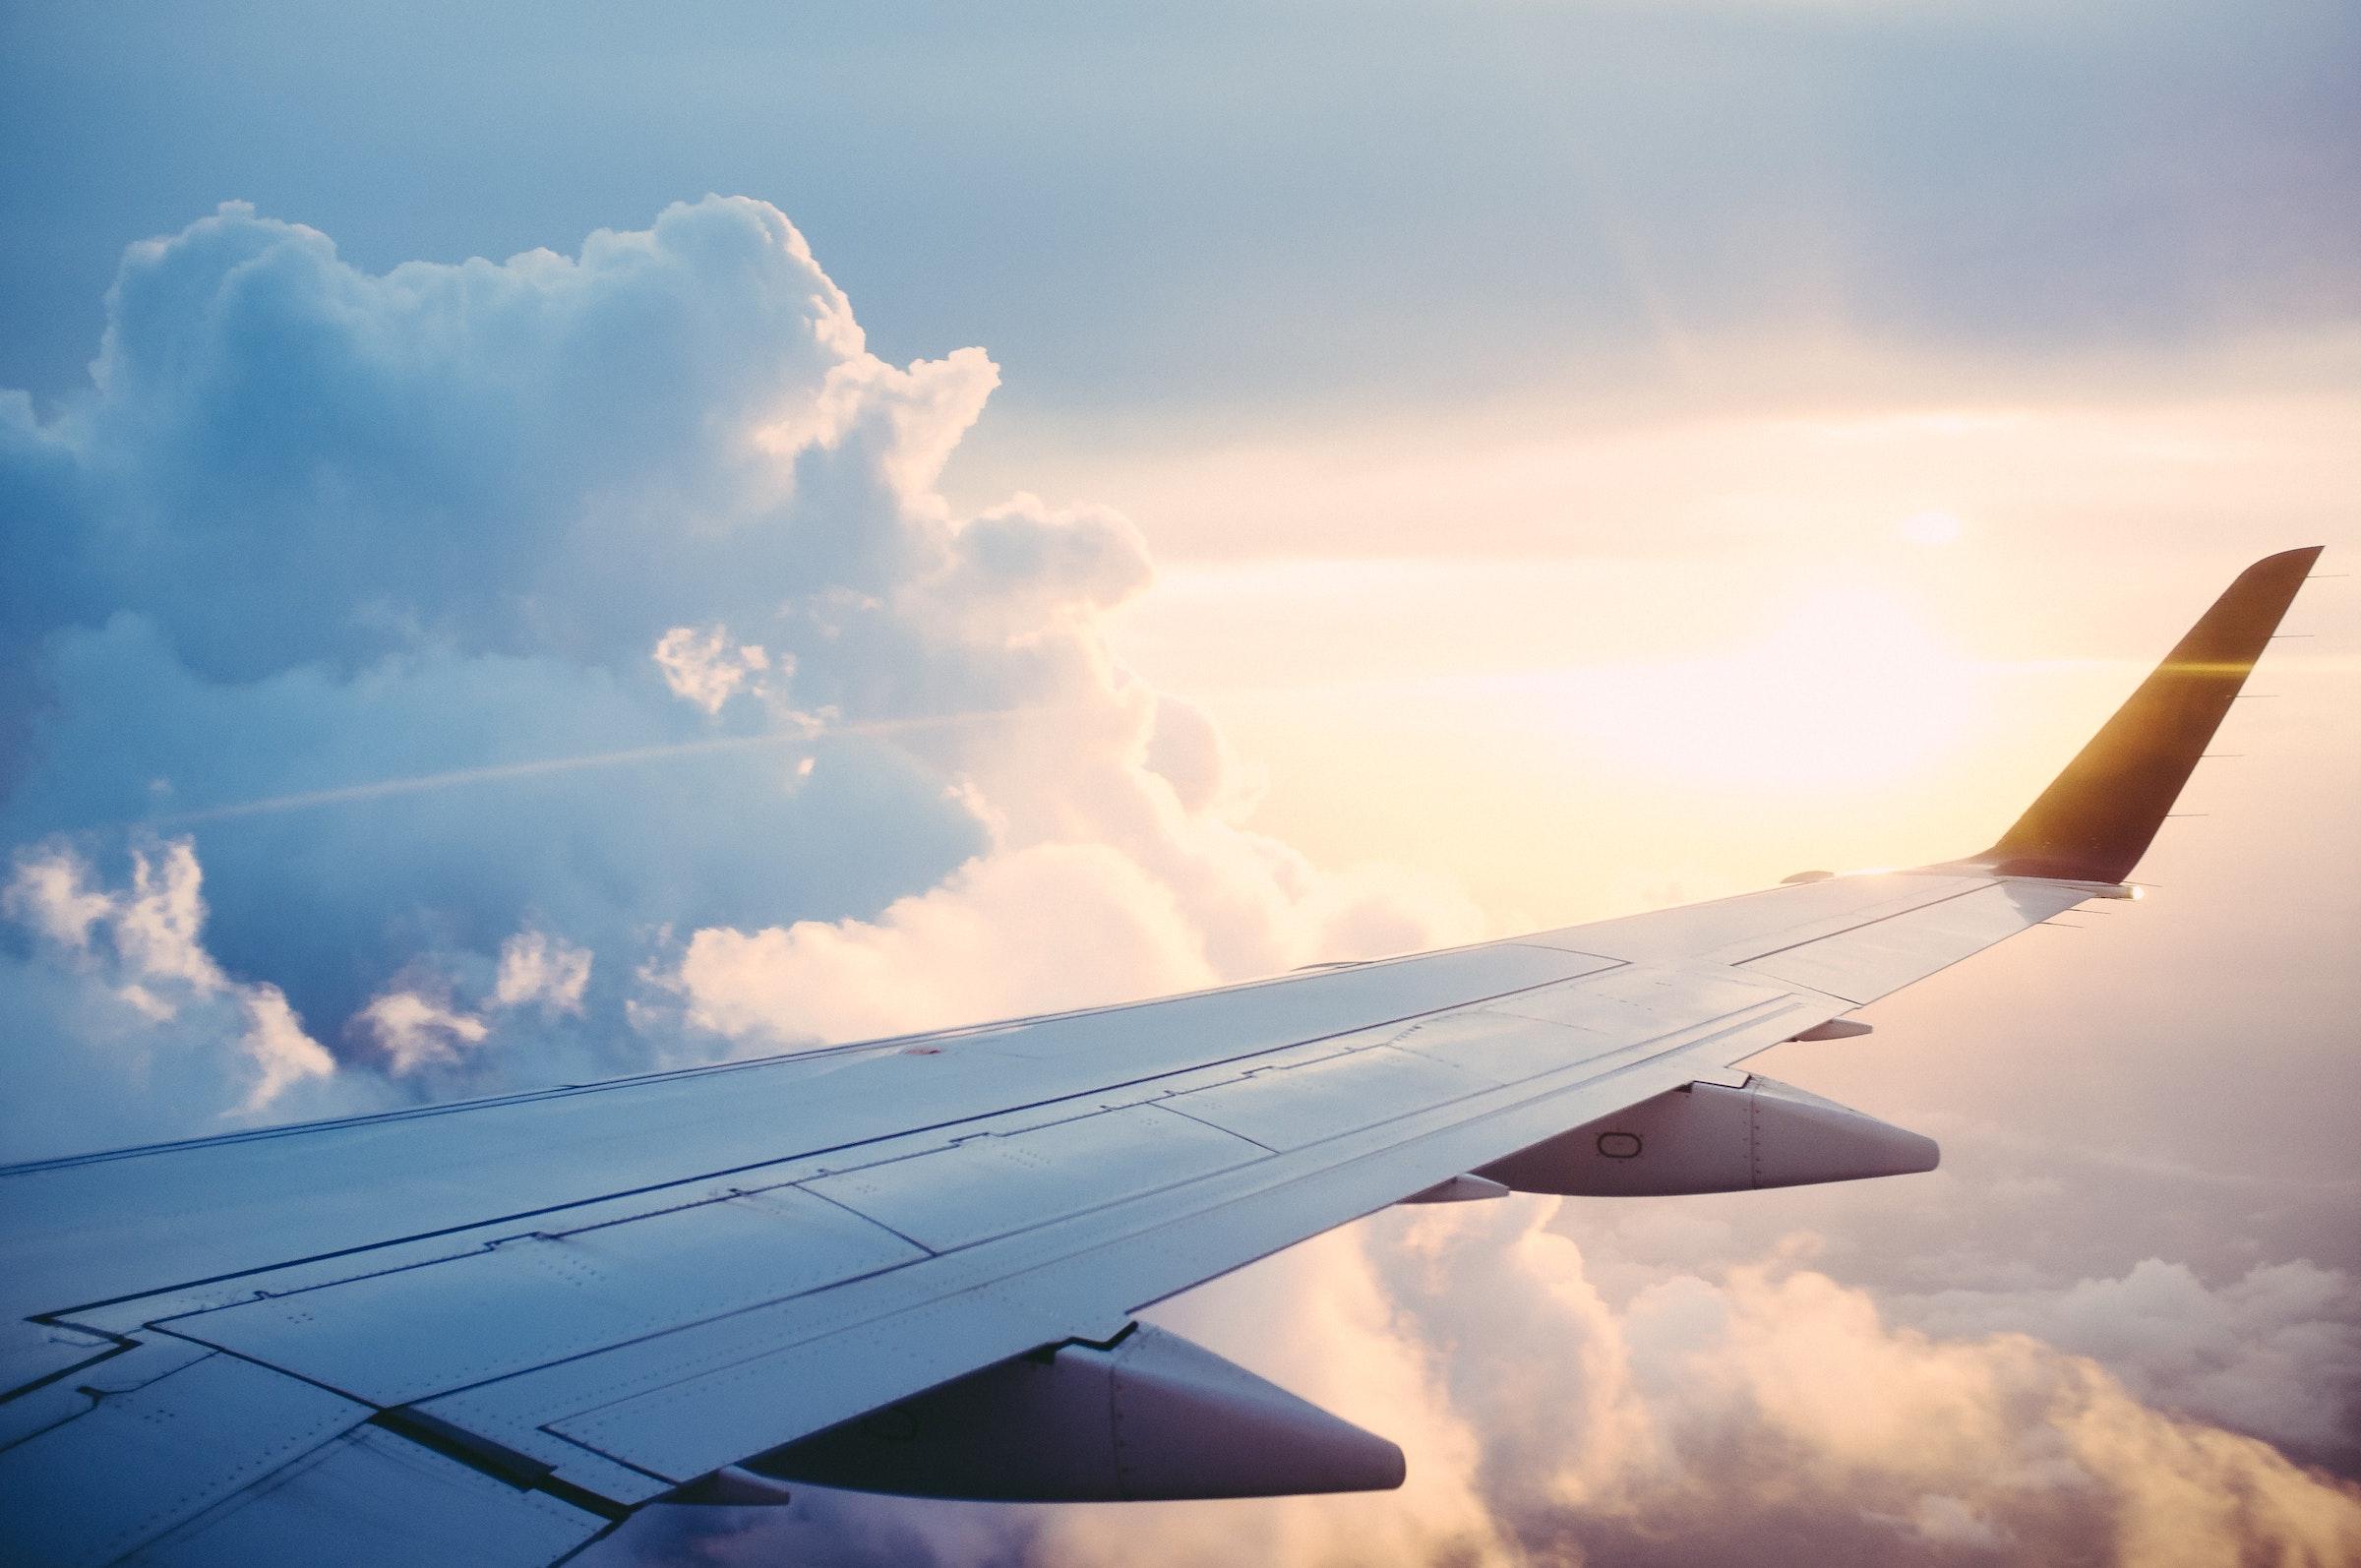 Accrescere la competitività tramite la definizione ed implementazione di standard qualitativi di gestione dei servizi aeroportuali